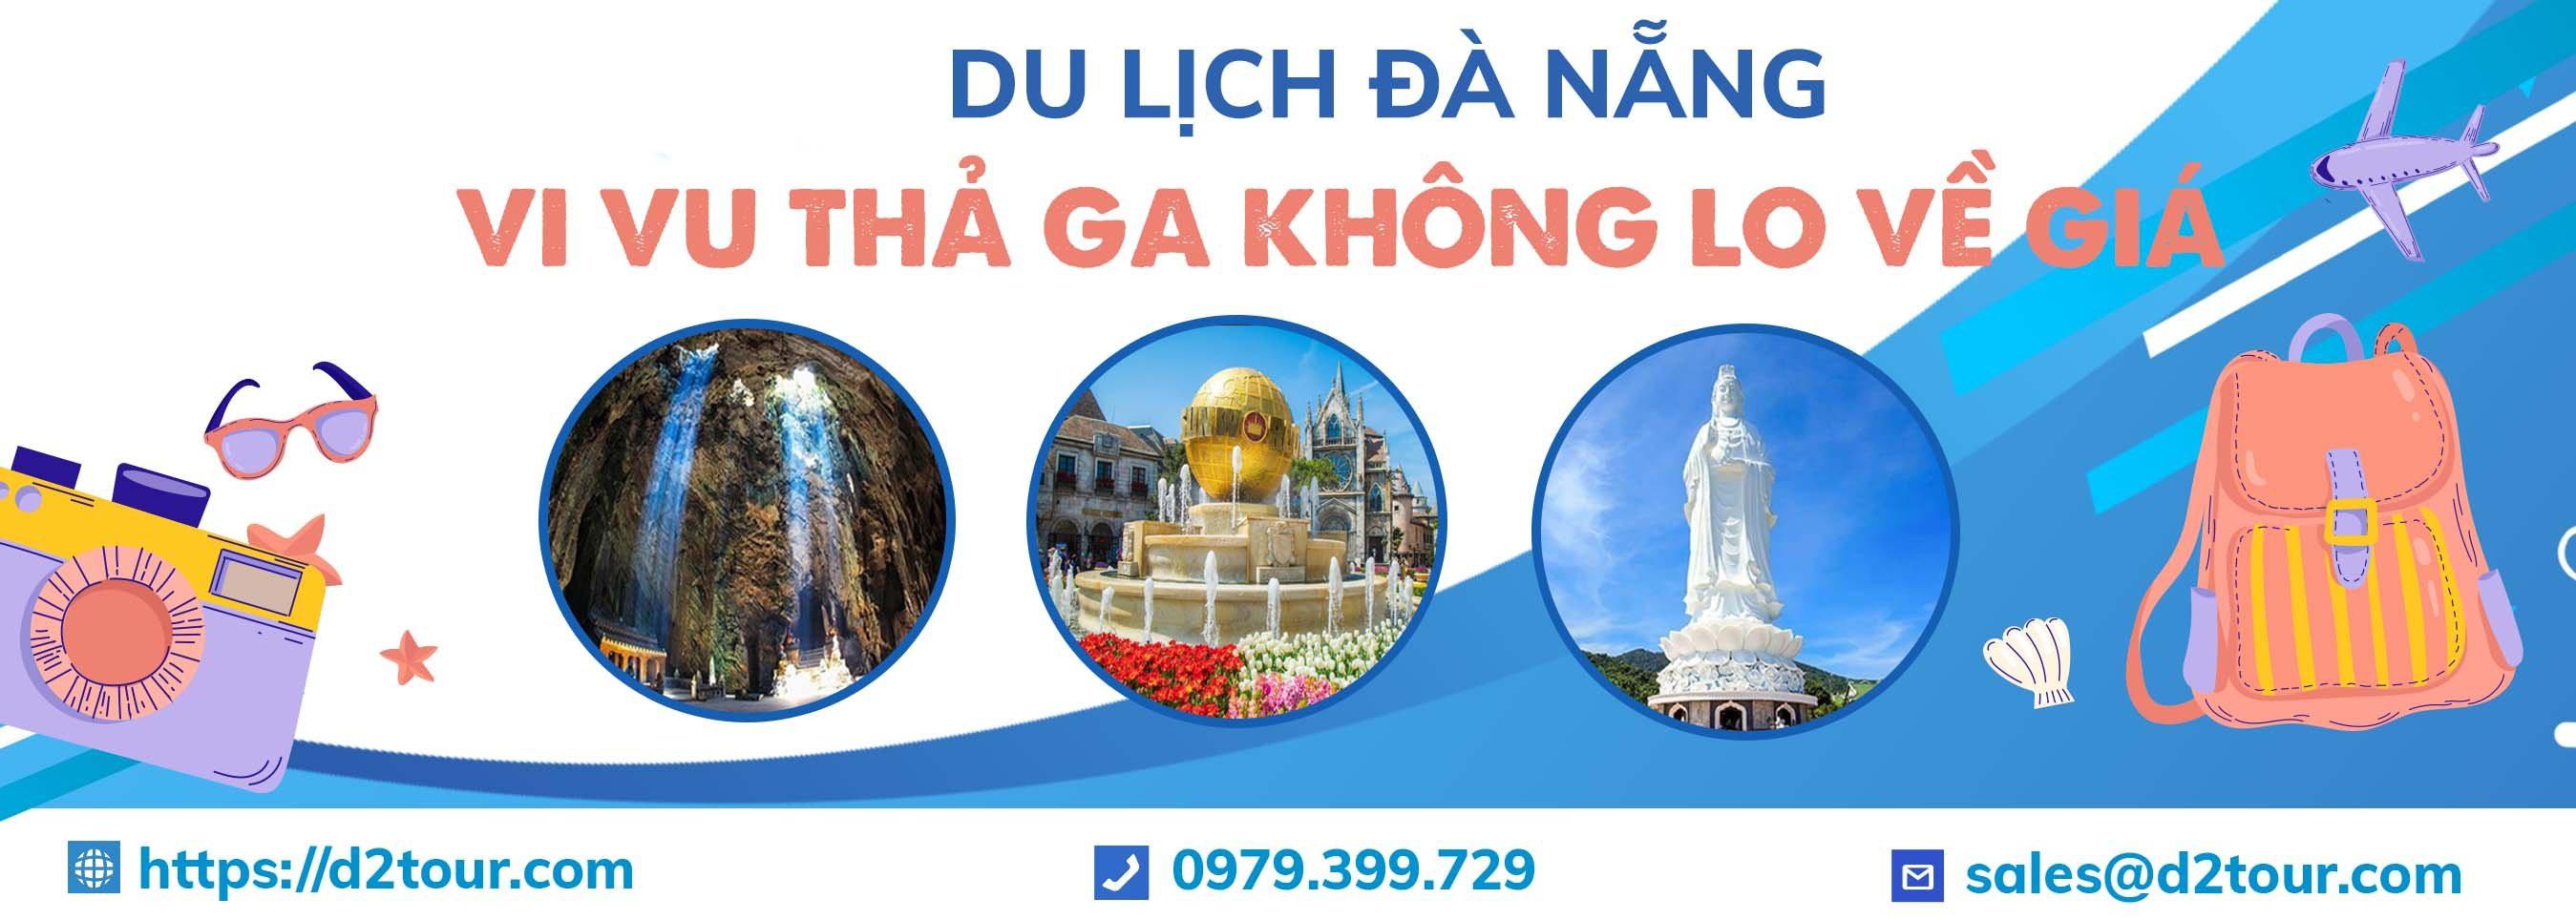 Du lịch Đà Nẵng trọn gói